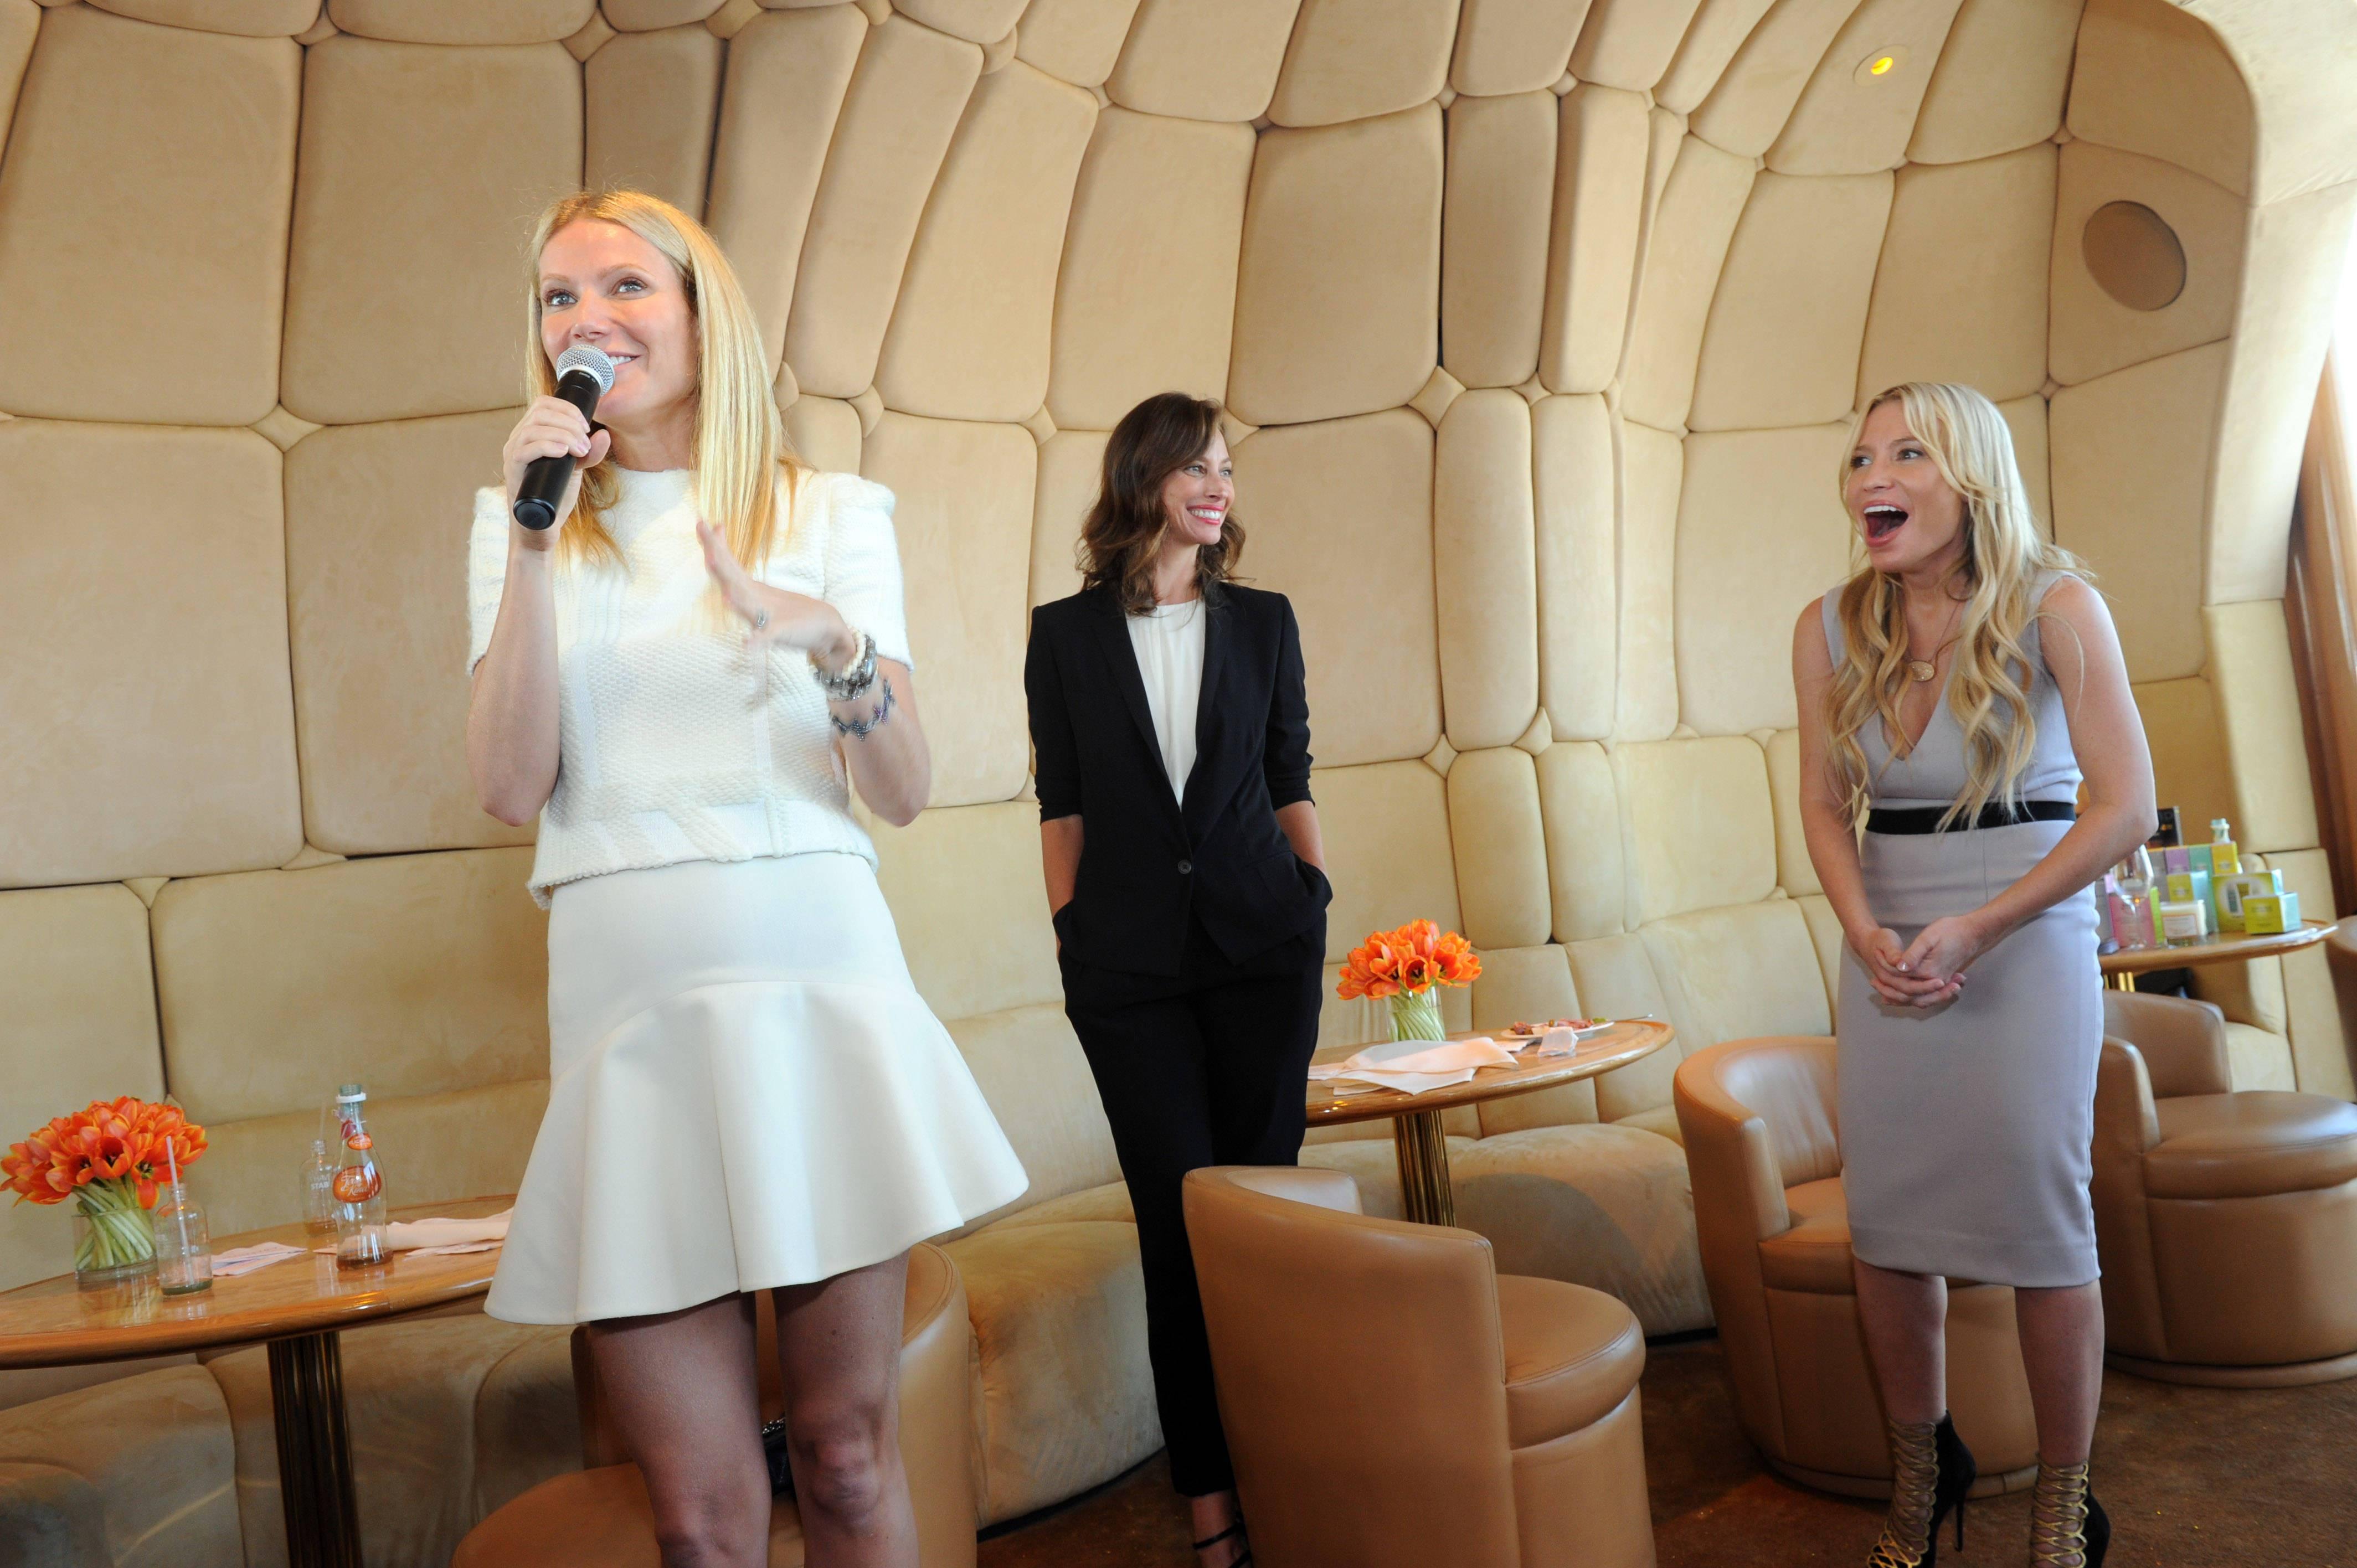 Gwyneth Paltrow, Tracy Anderson, Christy Turlington Burns